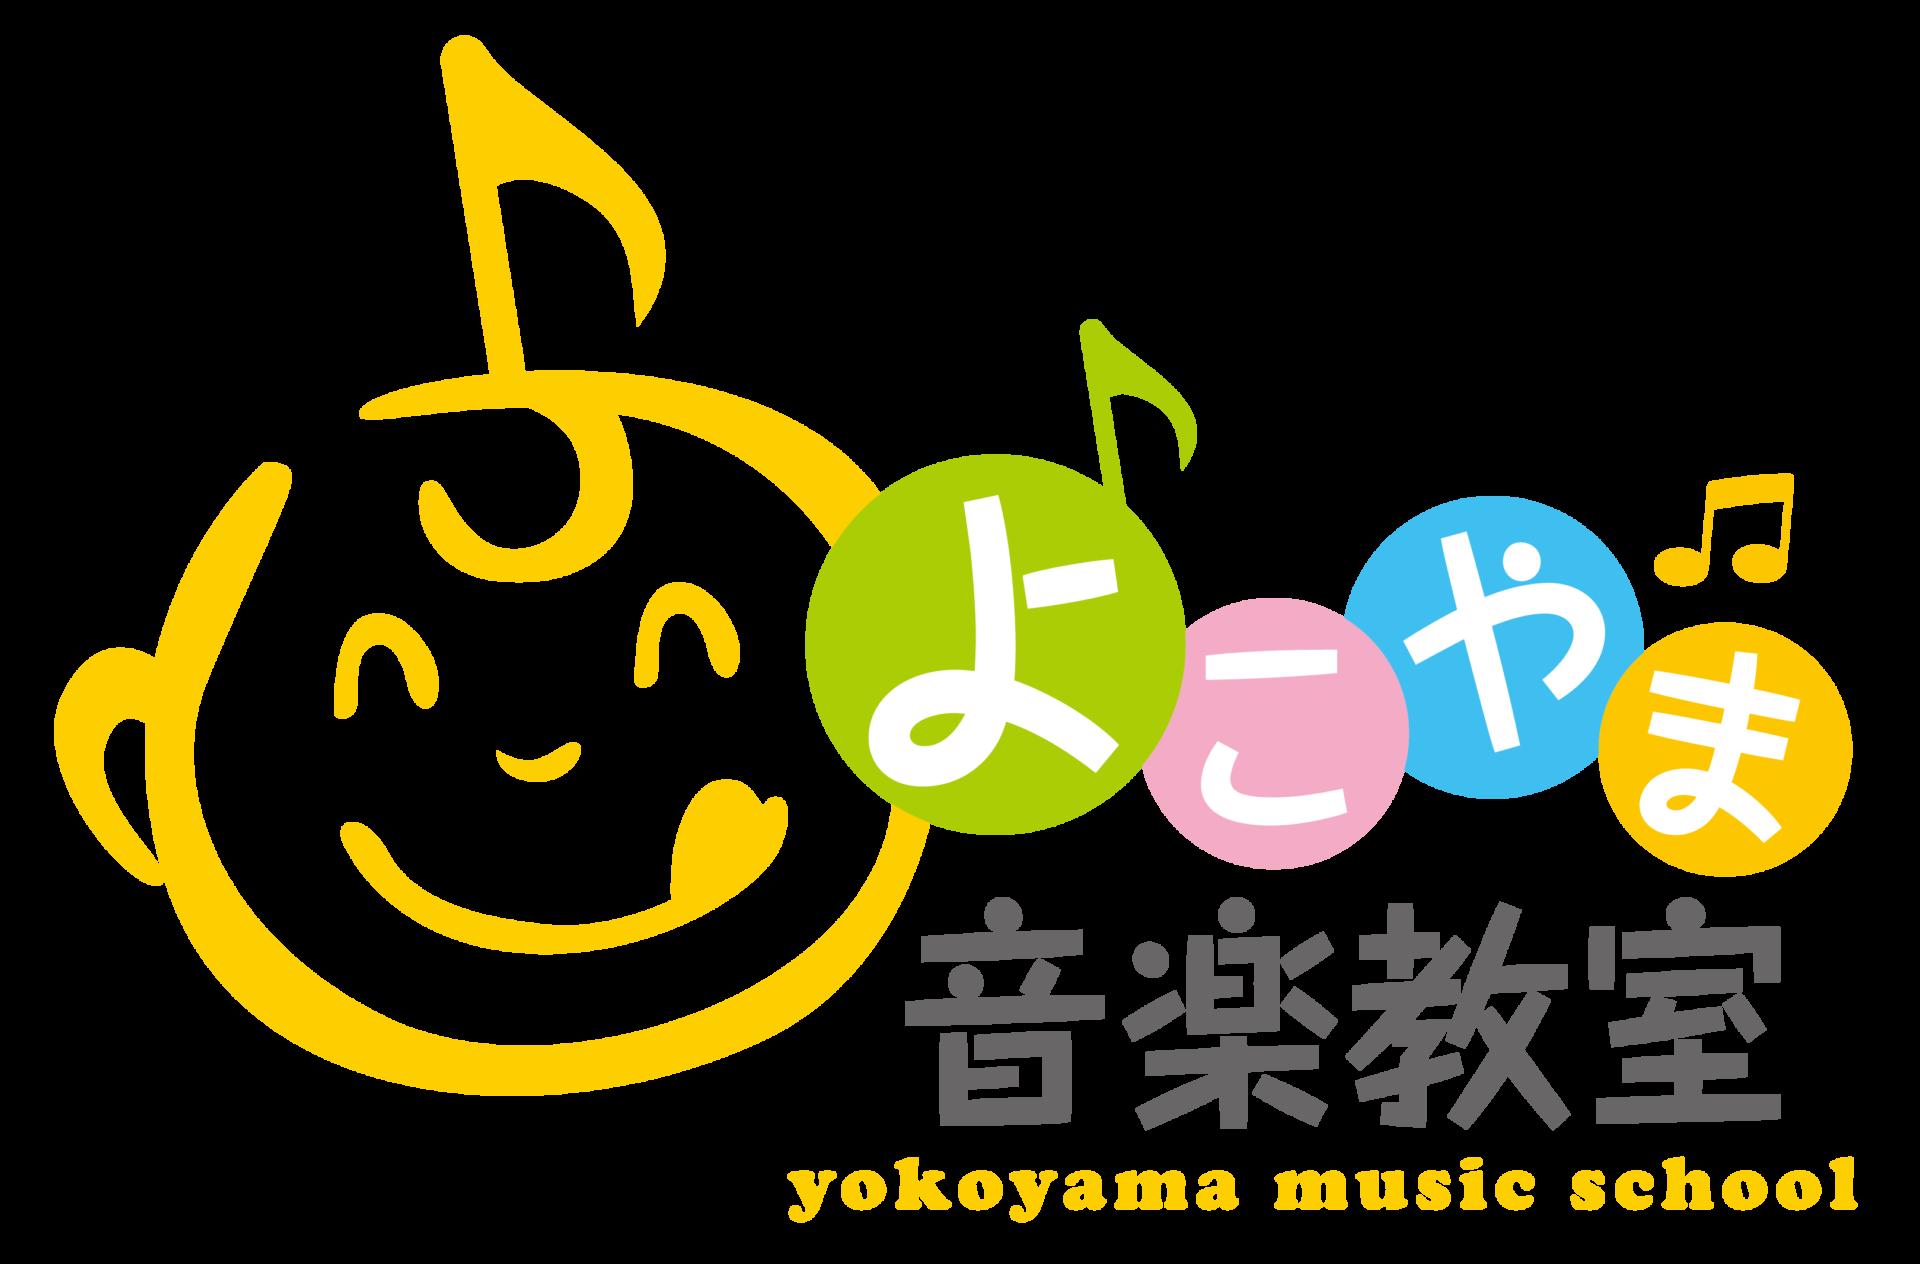 よこやま音楽教室